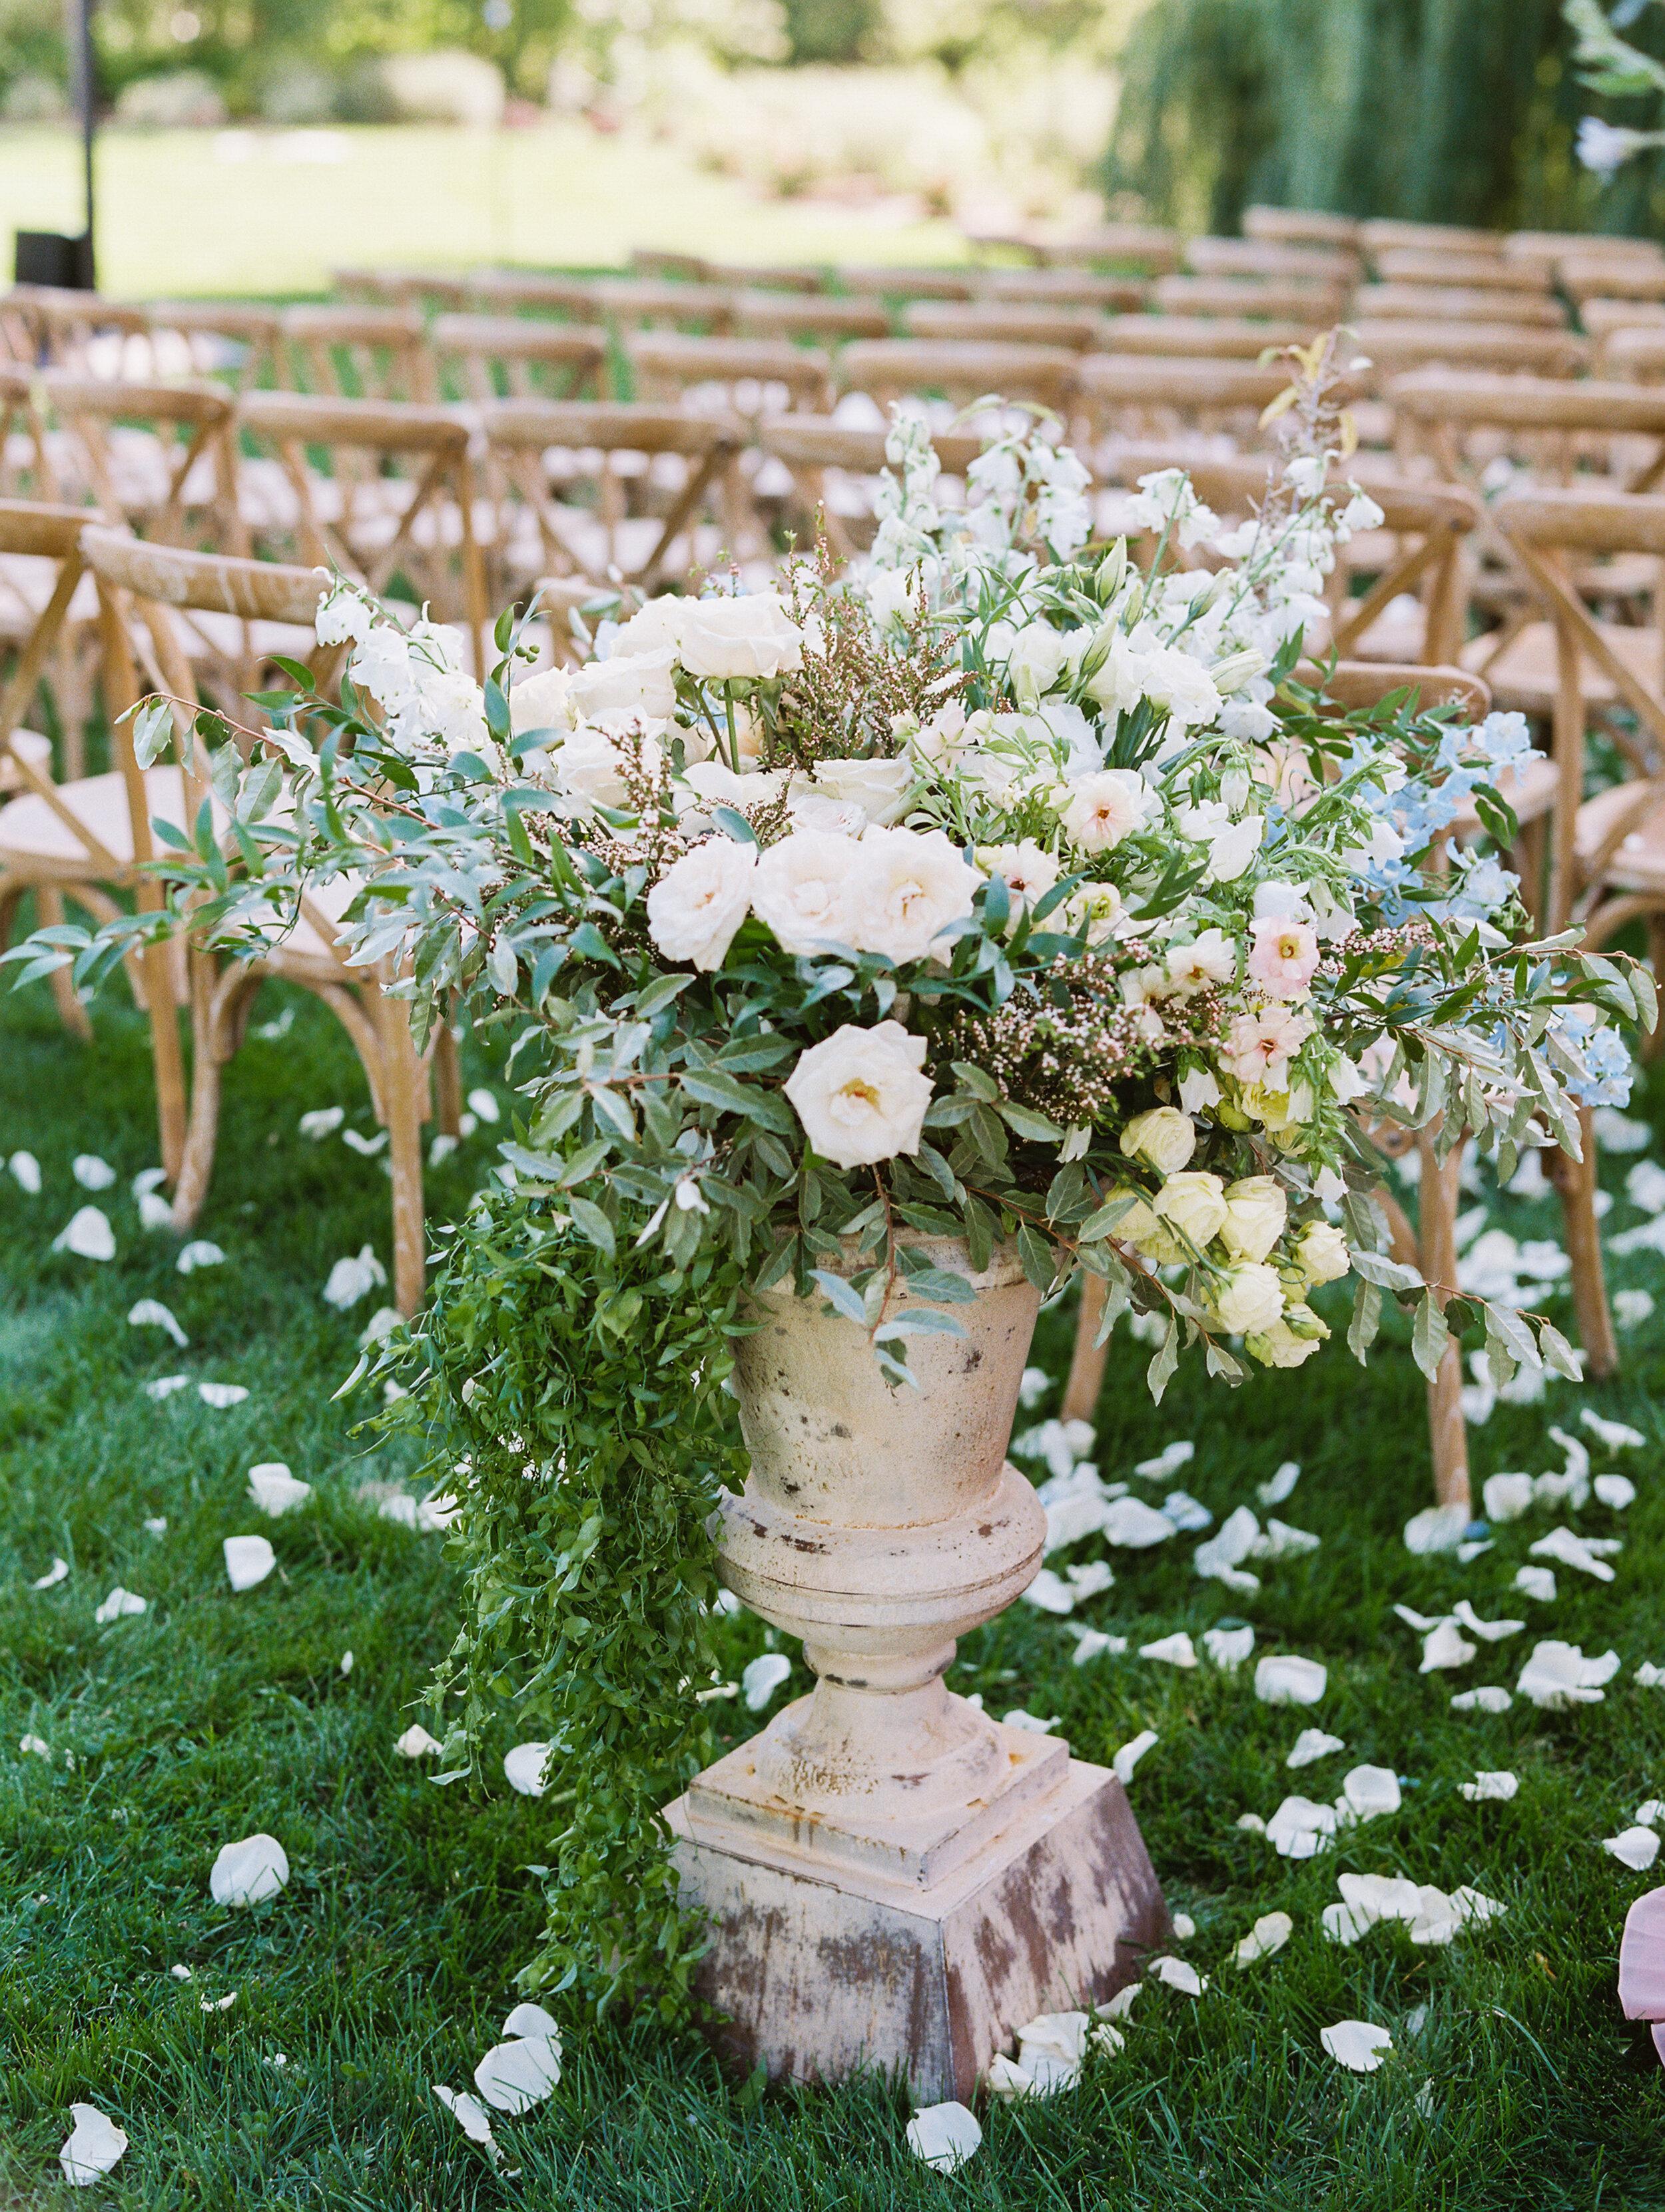 Steinlage+Wedding+Ceremony-15.jpg